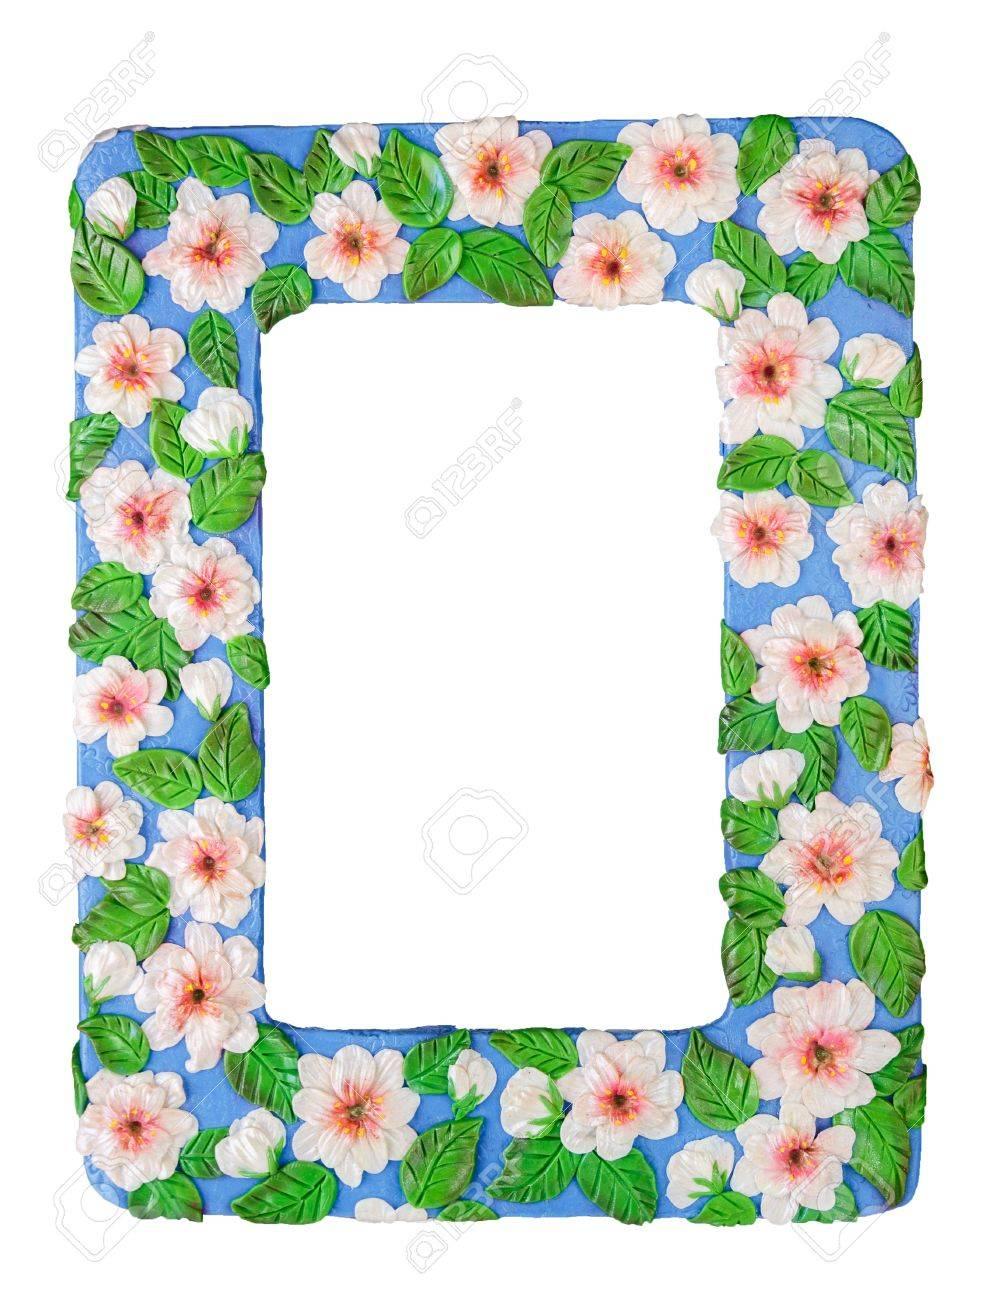 Fotorahmen Aus Polymer Clay Handgemacht Gestaltete Weiße Blumen Auf ...